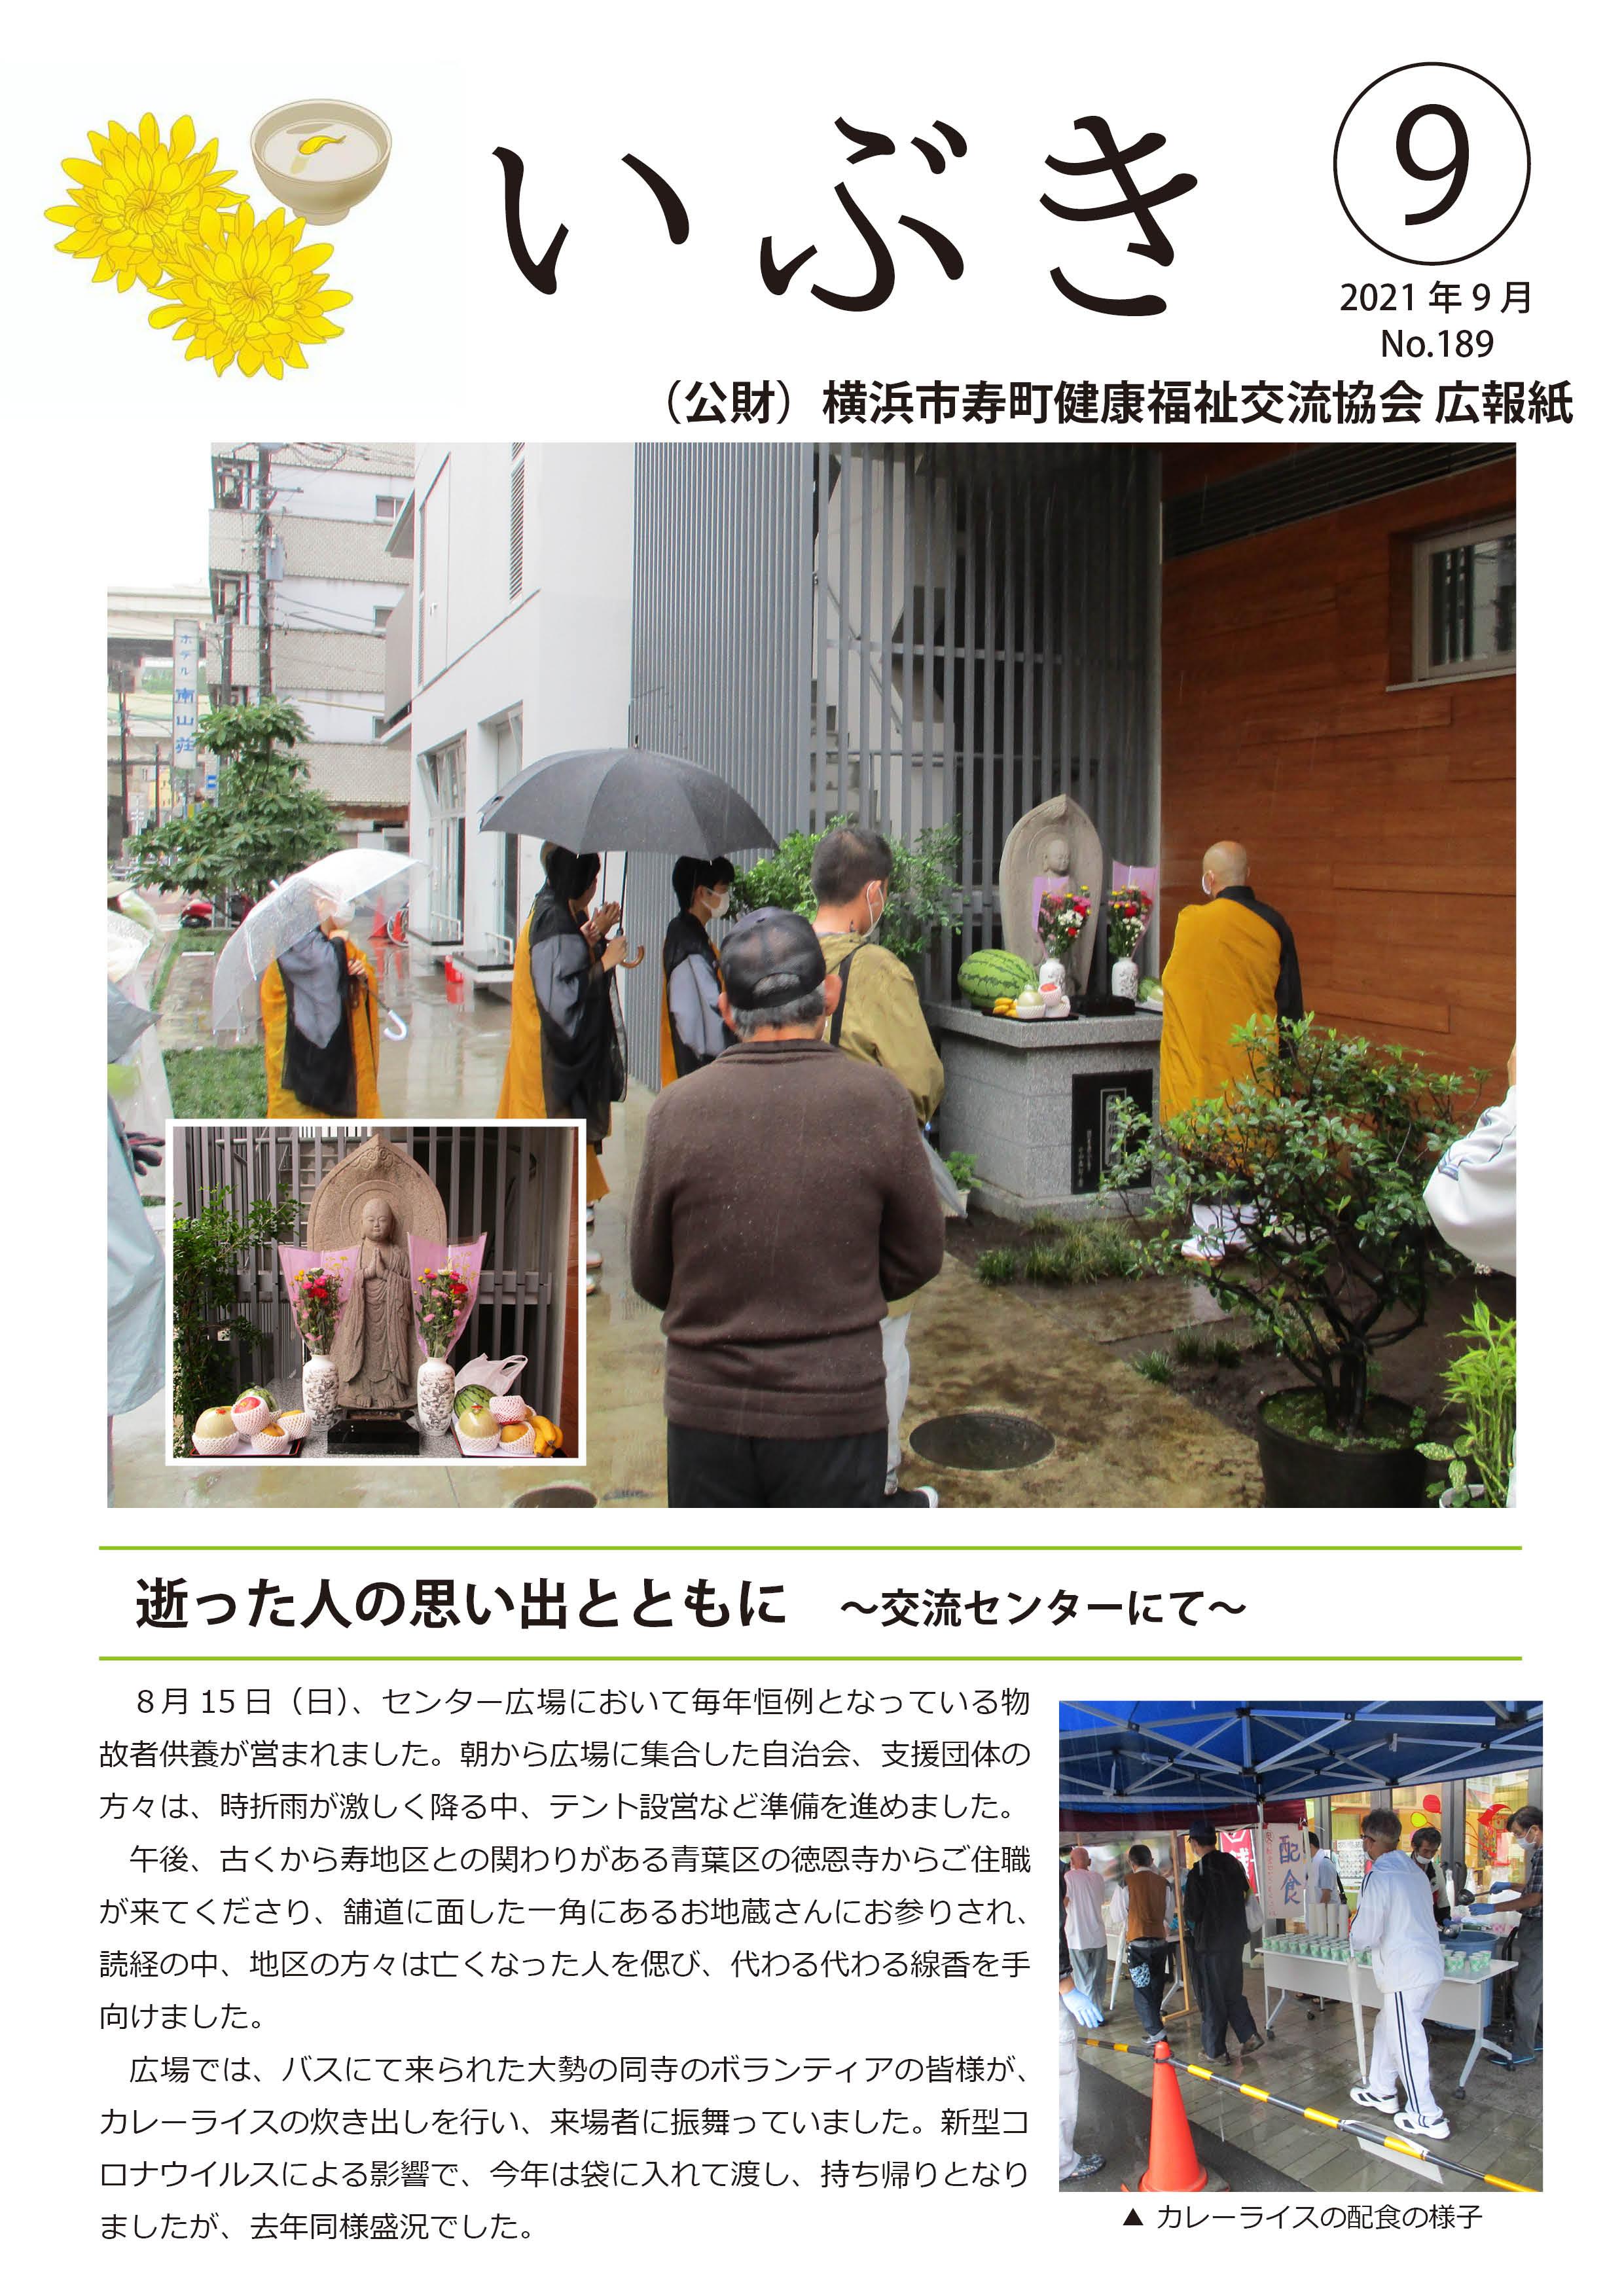 広報紙いぶき2021年9月号(No.189)